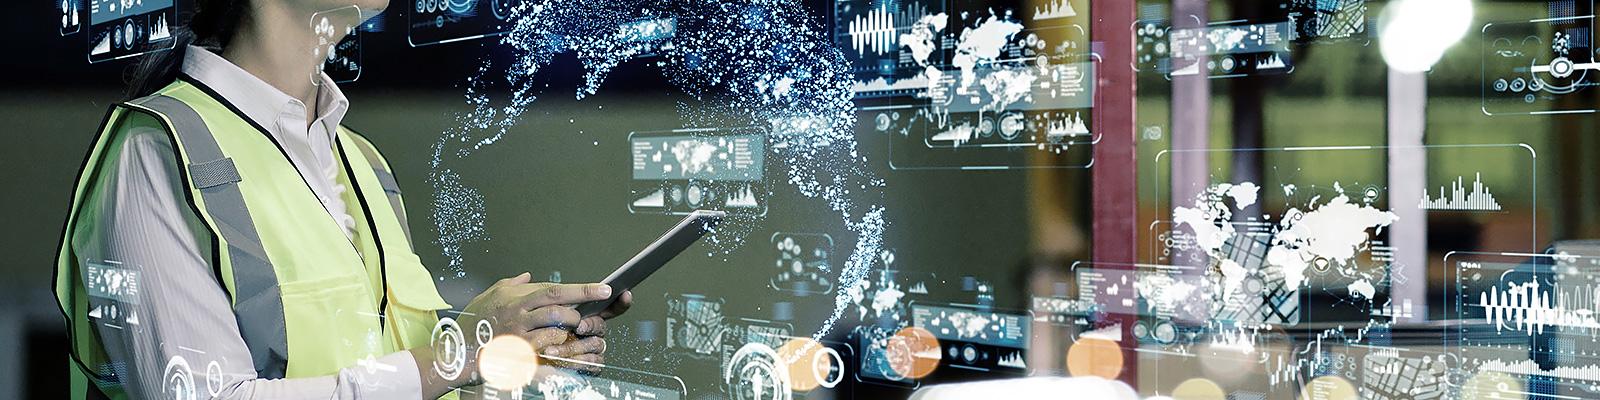 製造 ネットワーク イメージ